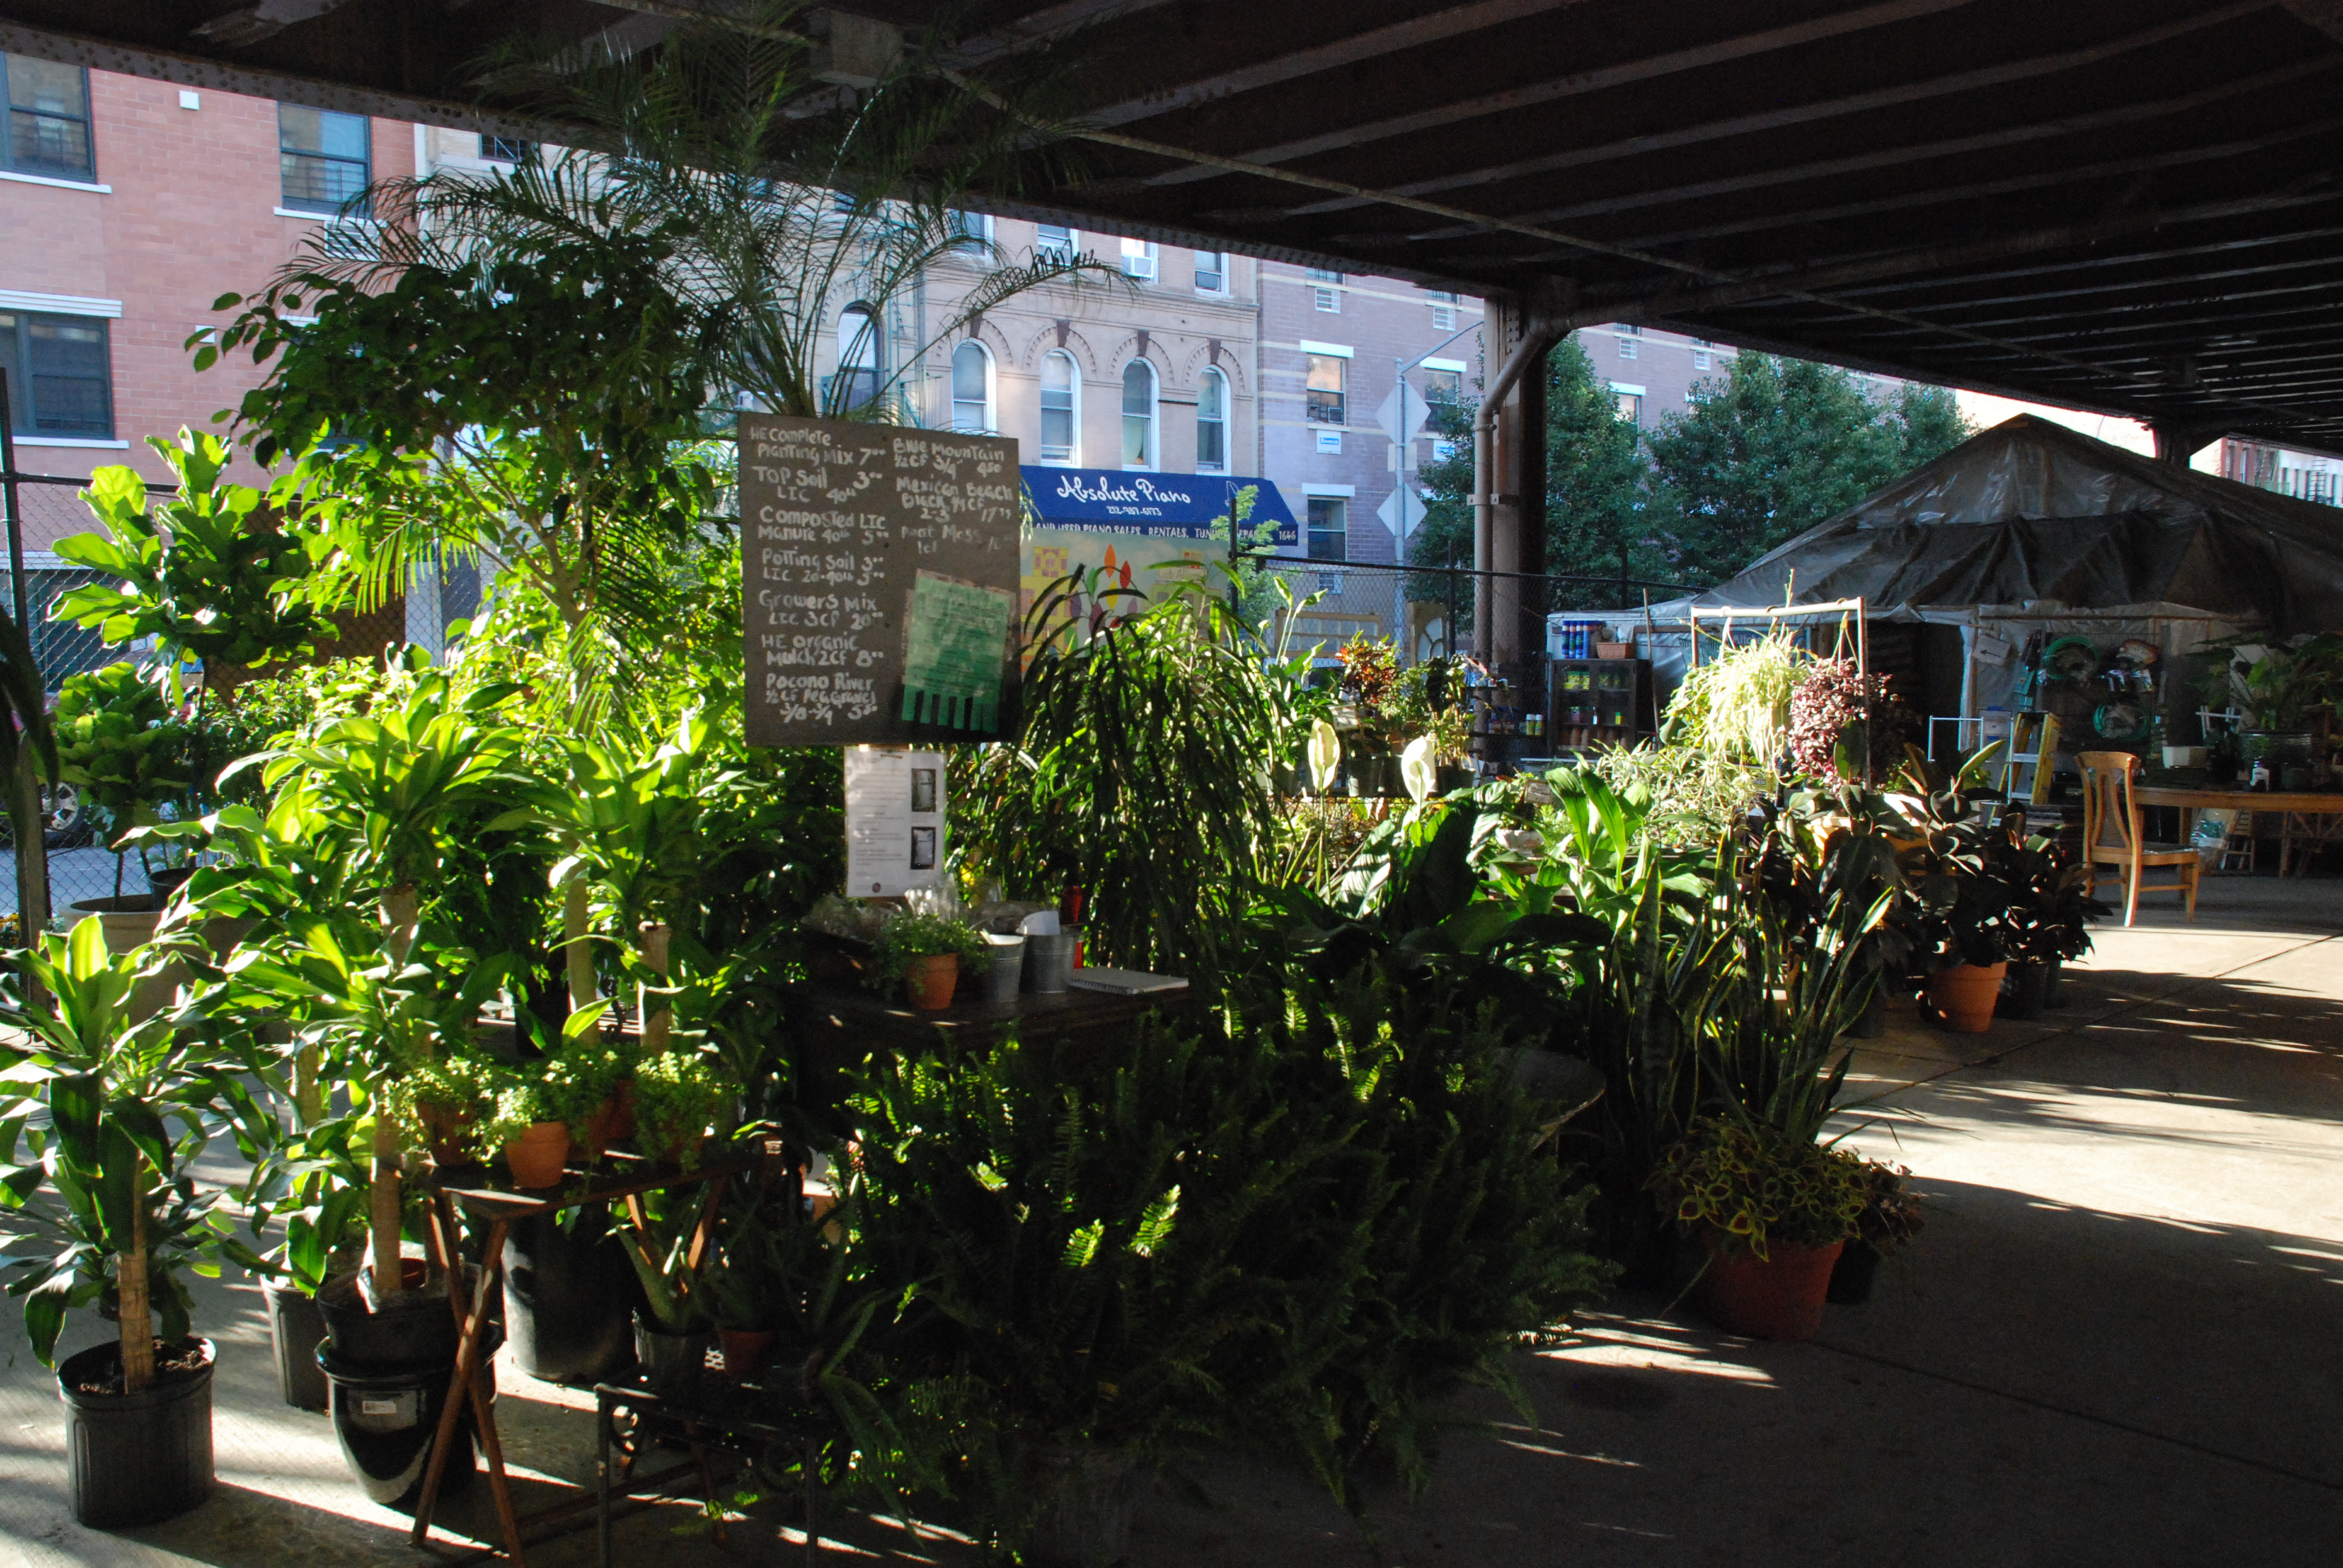 Beau Urban Garden Center Through The Lens Looking